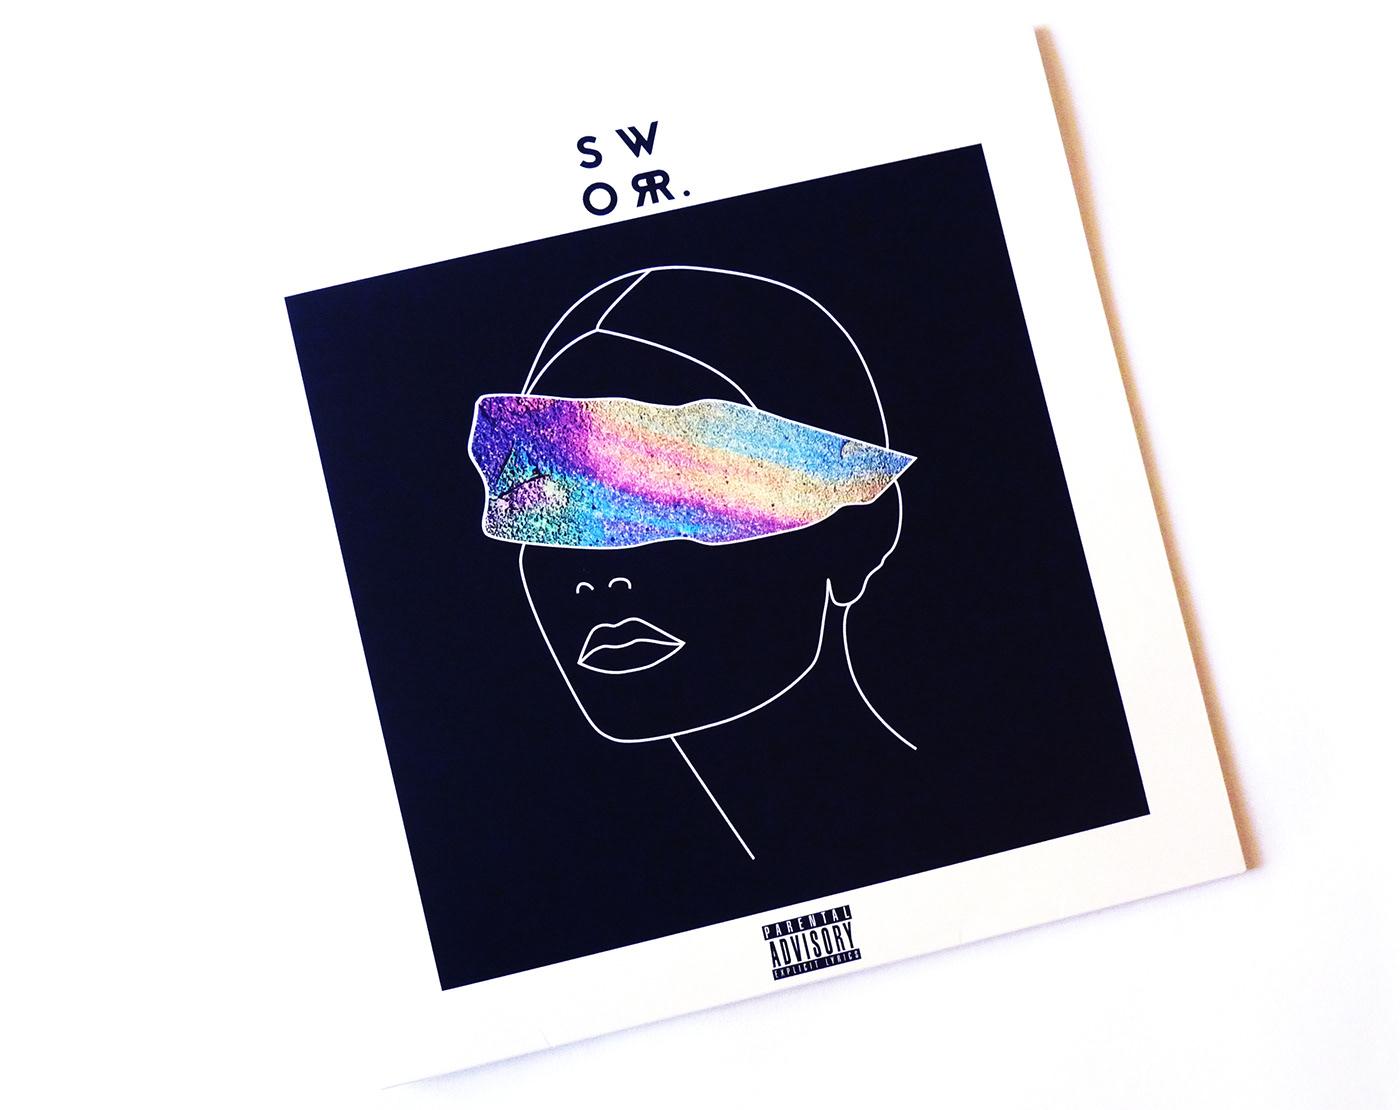 music vinyl Album Album design record design sworr. CD design ILLUSTRATION